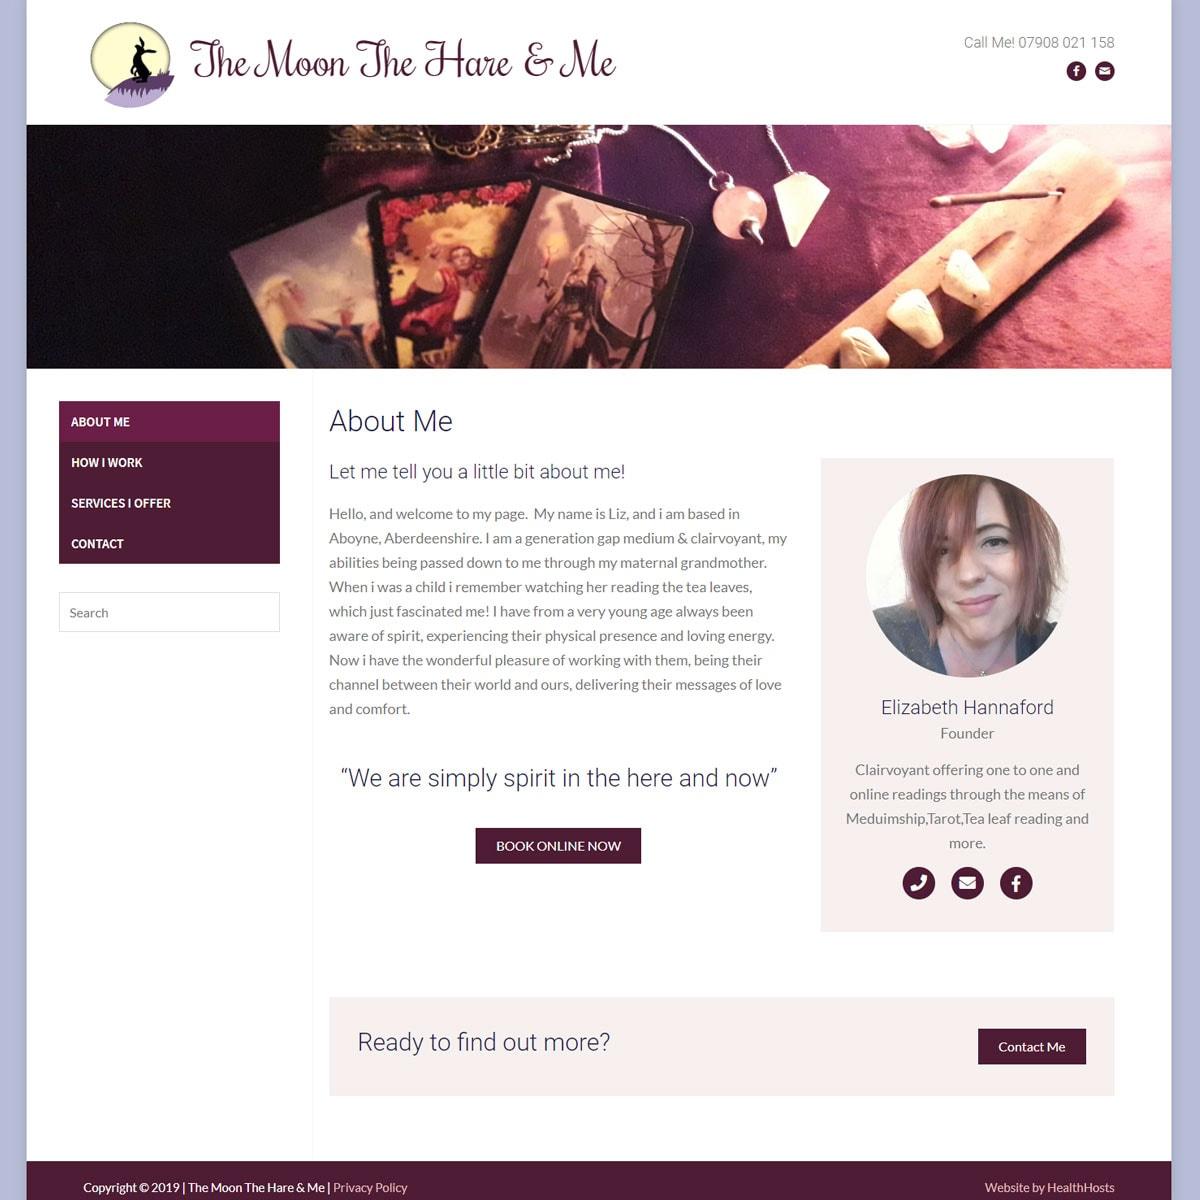 Medium / Psychic Website Design - HealthHosts - Websites for Therapists